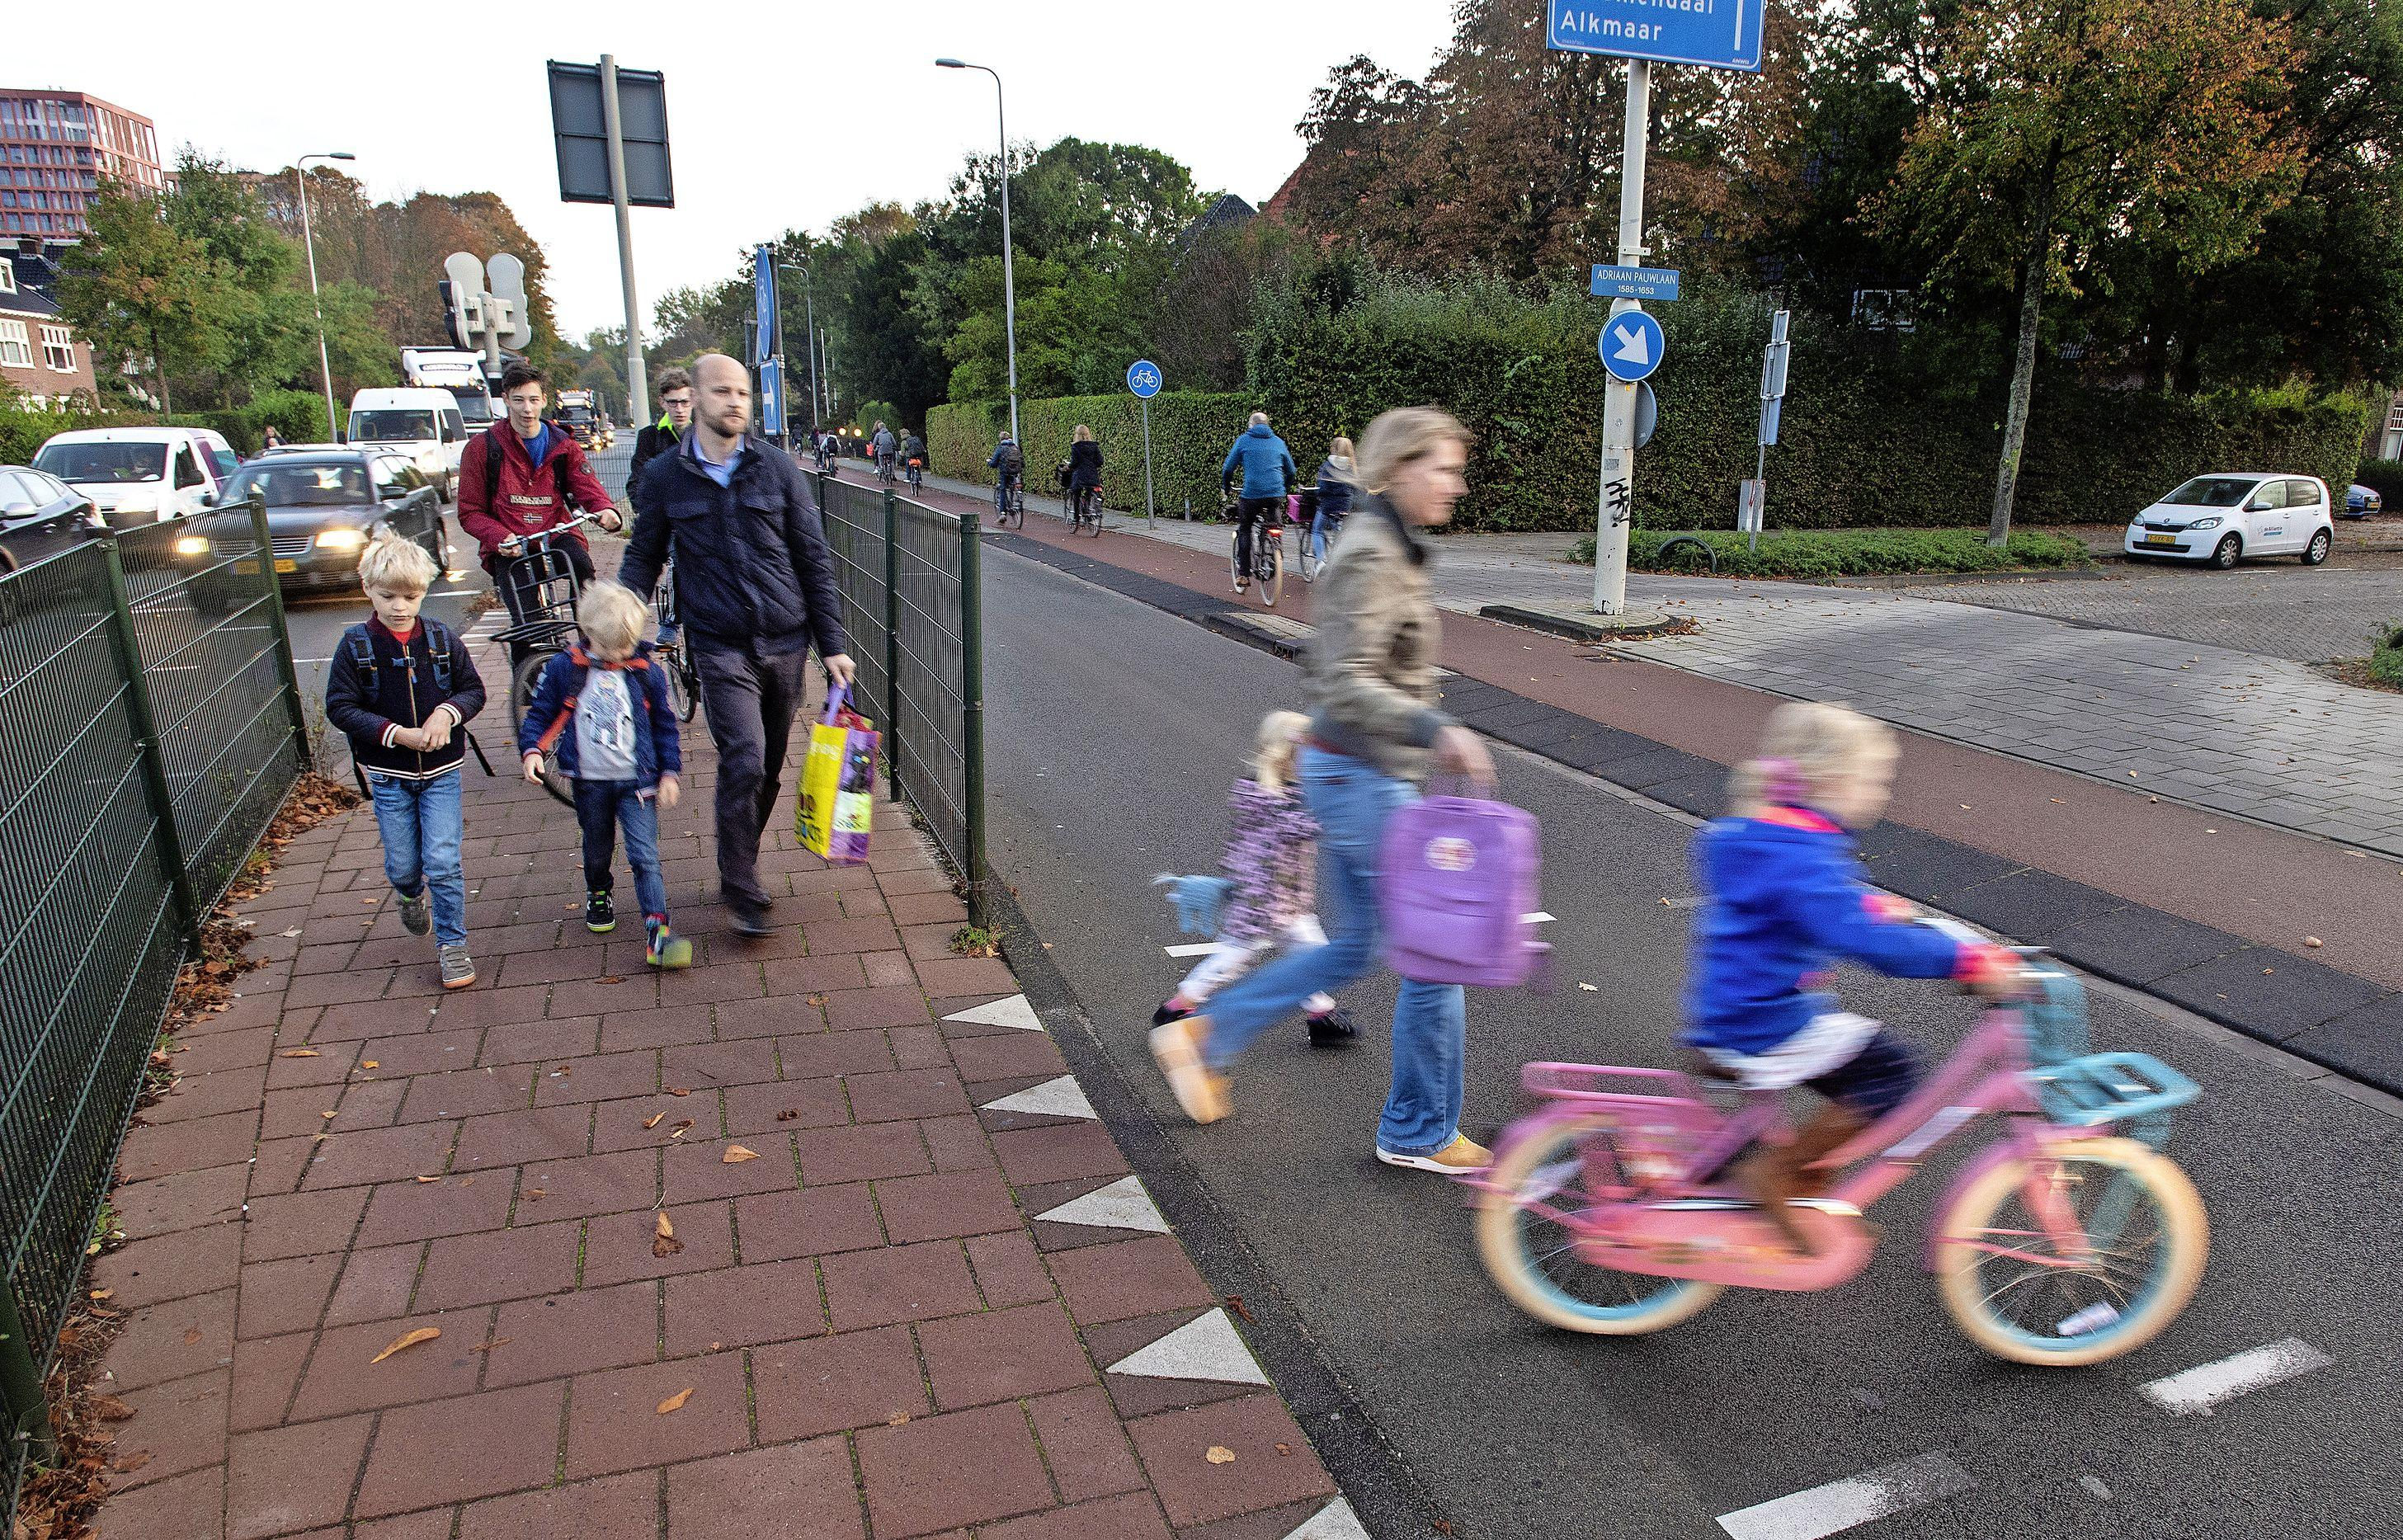 Tijdelijke verkeerslichten bij oversteek Adriaan Pauwlaan en Herenweg in Heemstede; kruispunt veiliger maken voor start nieuwe schooljaar gaat niet lukken